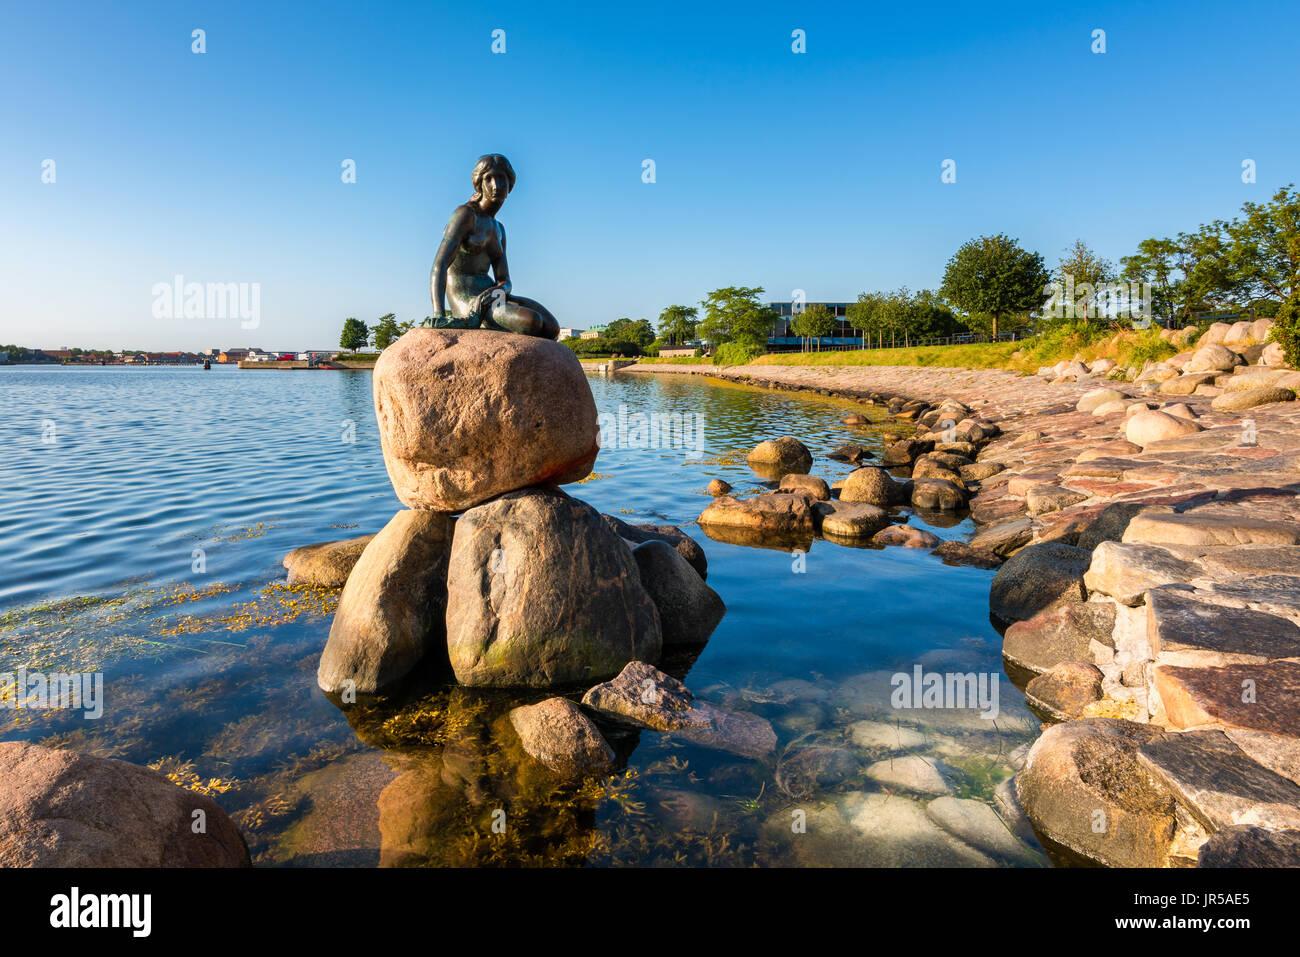 La famosa statua della Sirenetta nel porto di Copenhagen DANIMARCA Immagini Stock